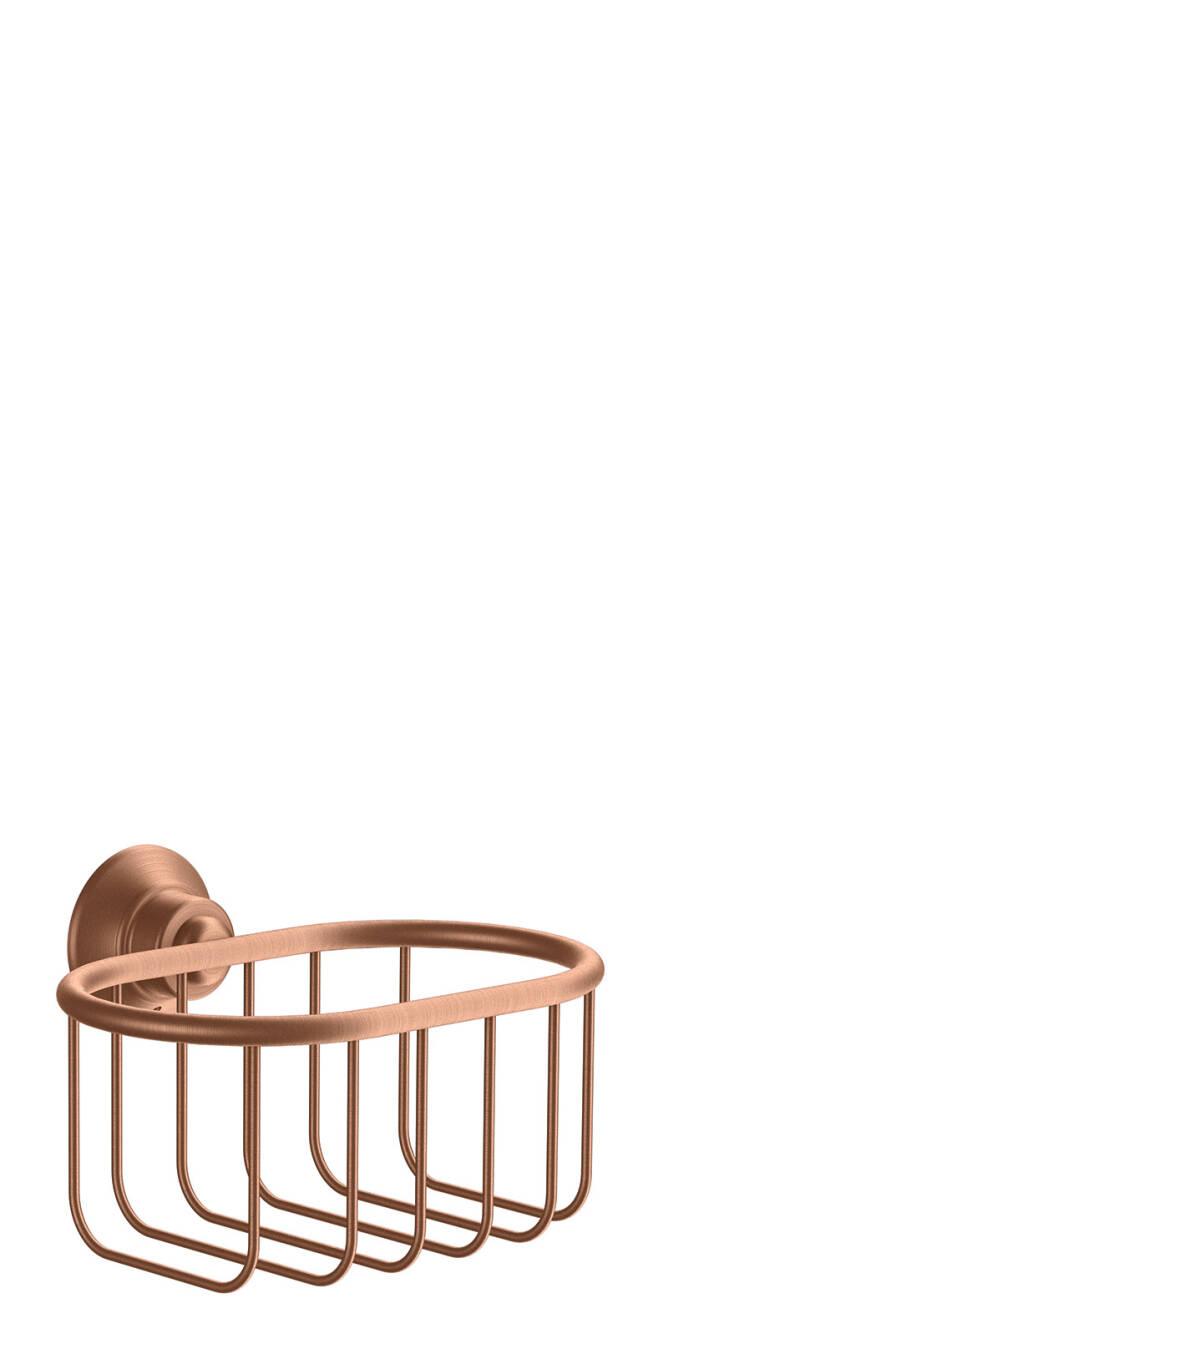 Corner basket 160/101, Brushed Red Gold, 42065310